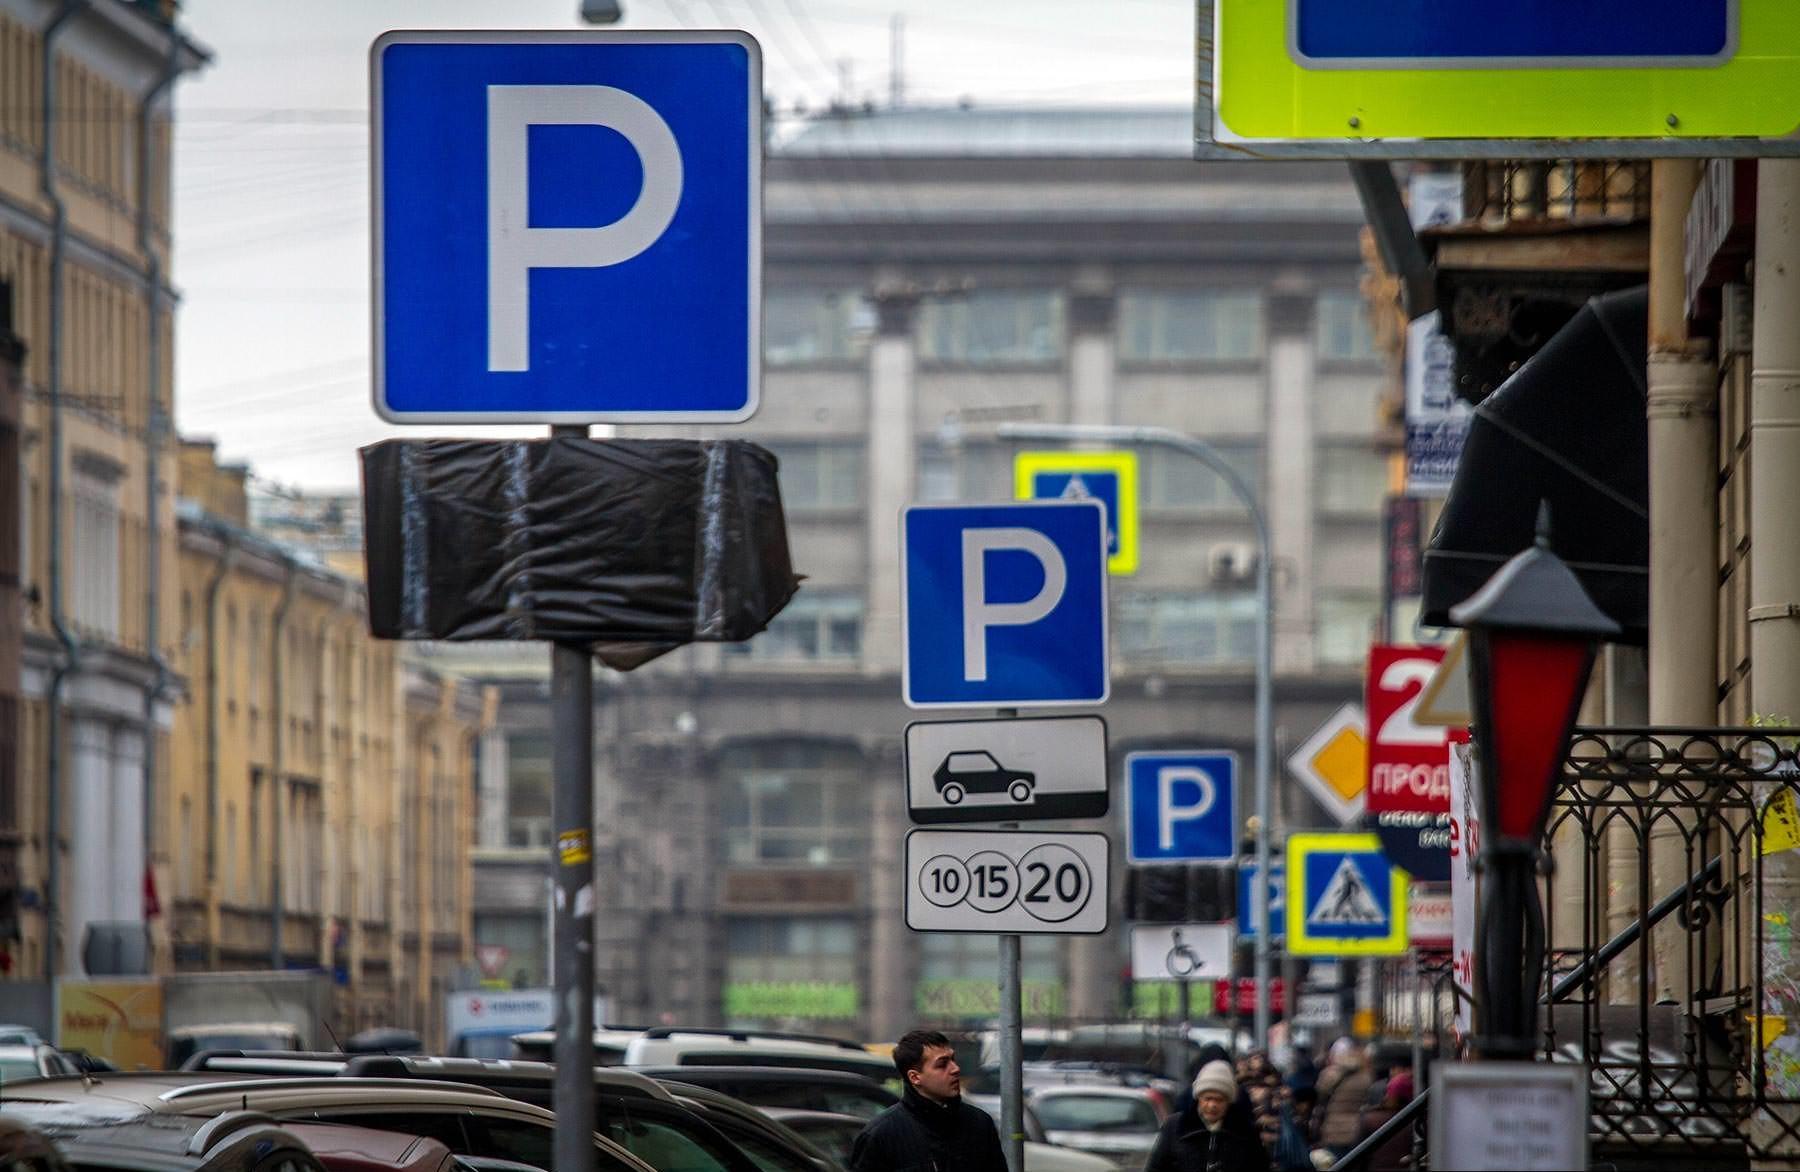 В столице России могут появиться парковки только для электромобилей